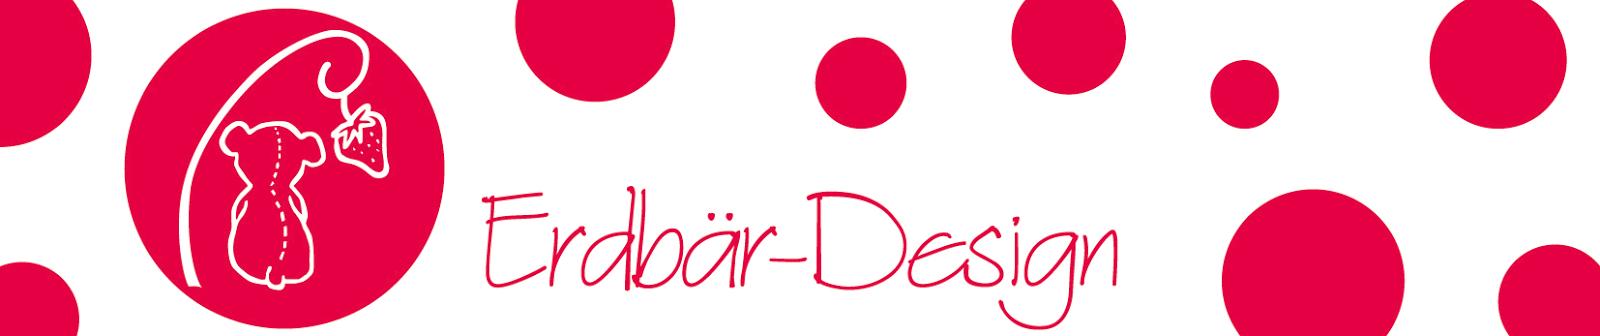 Erdbär-Design